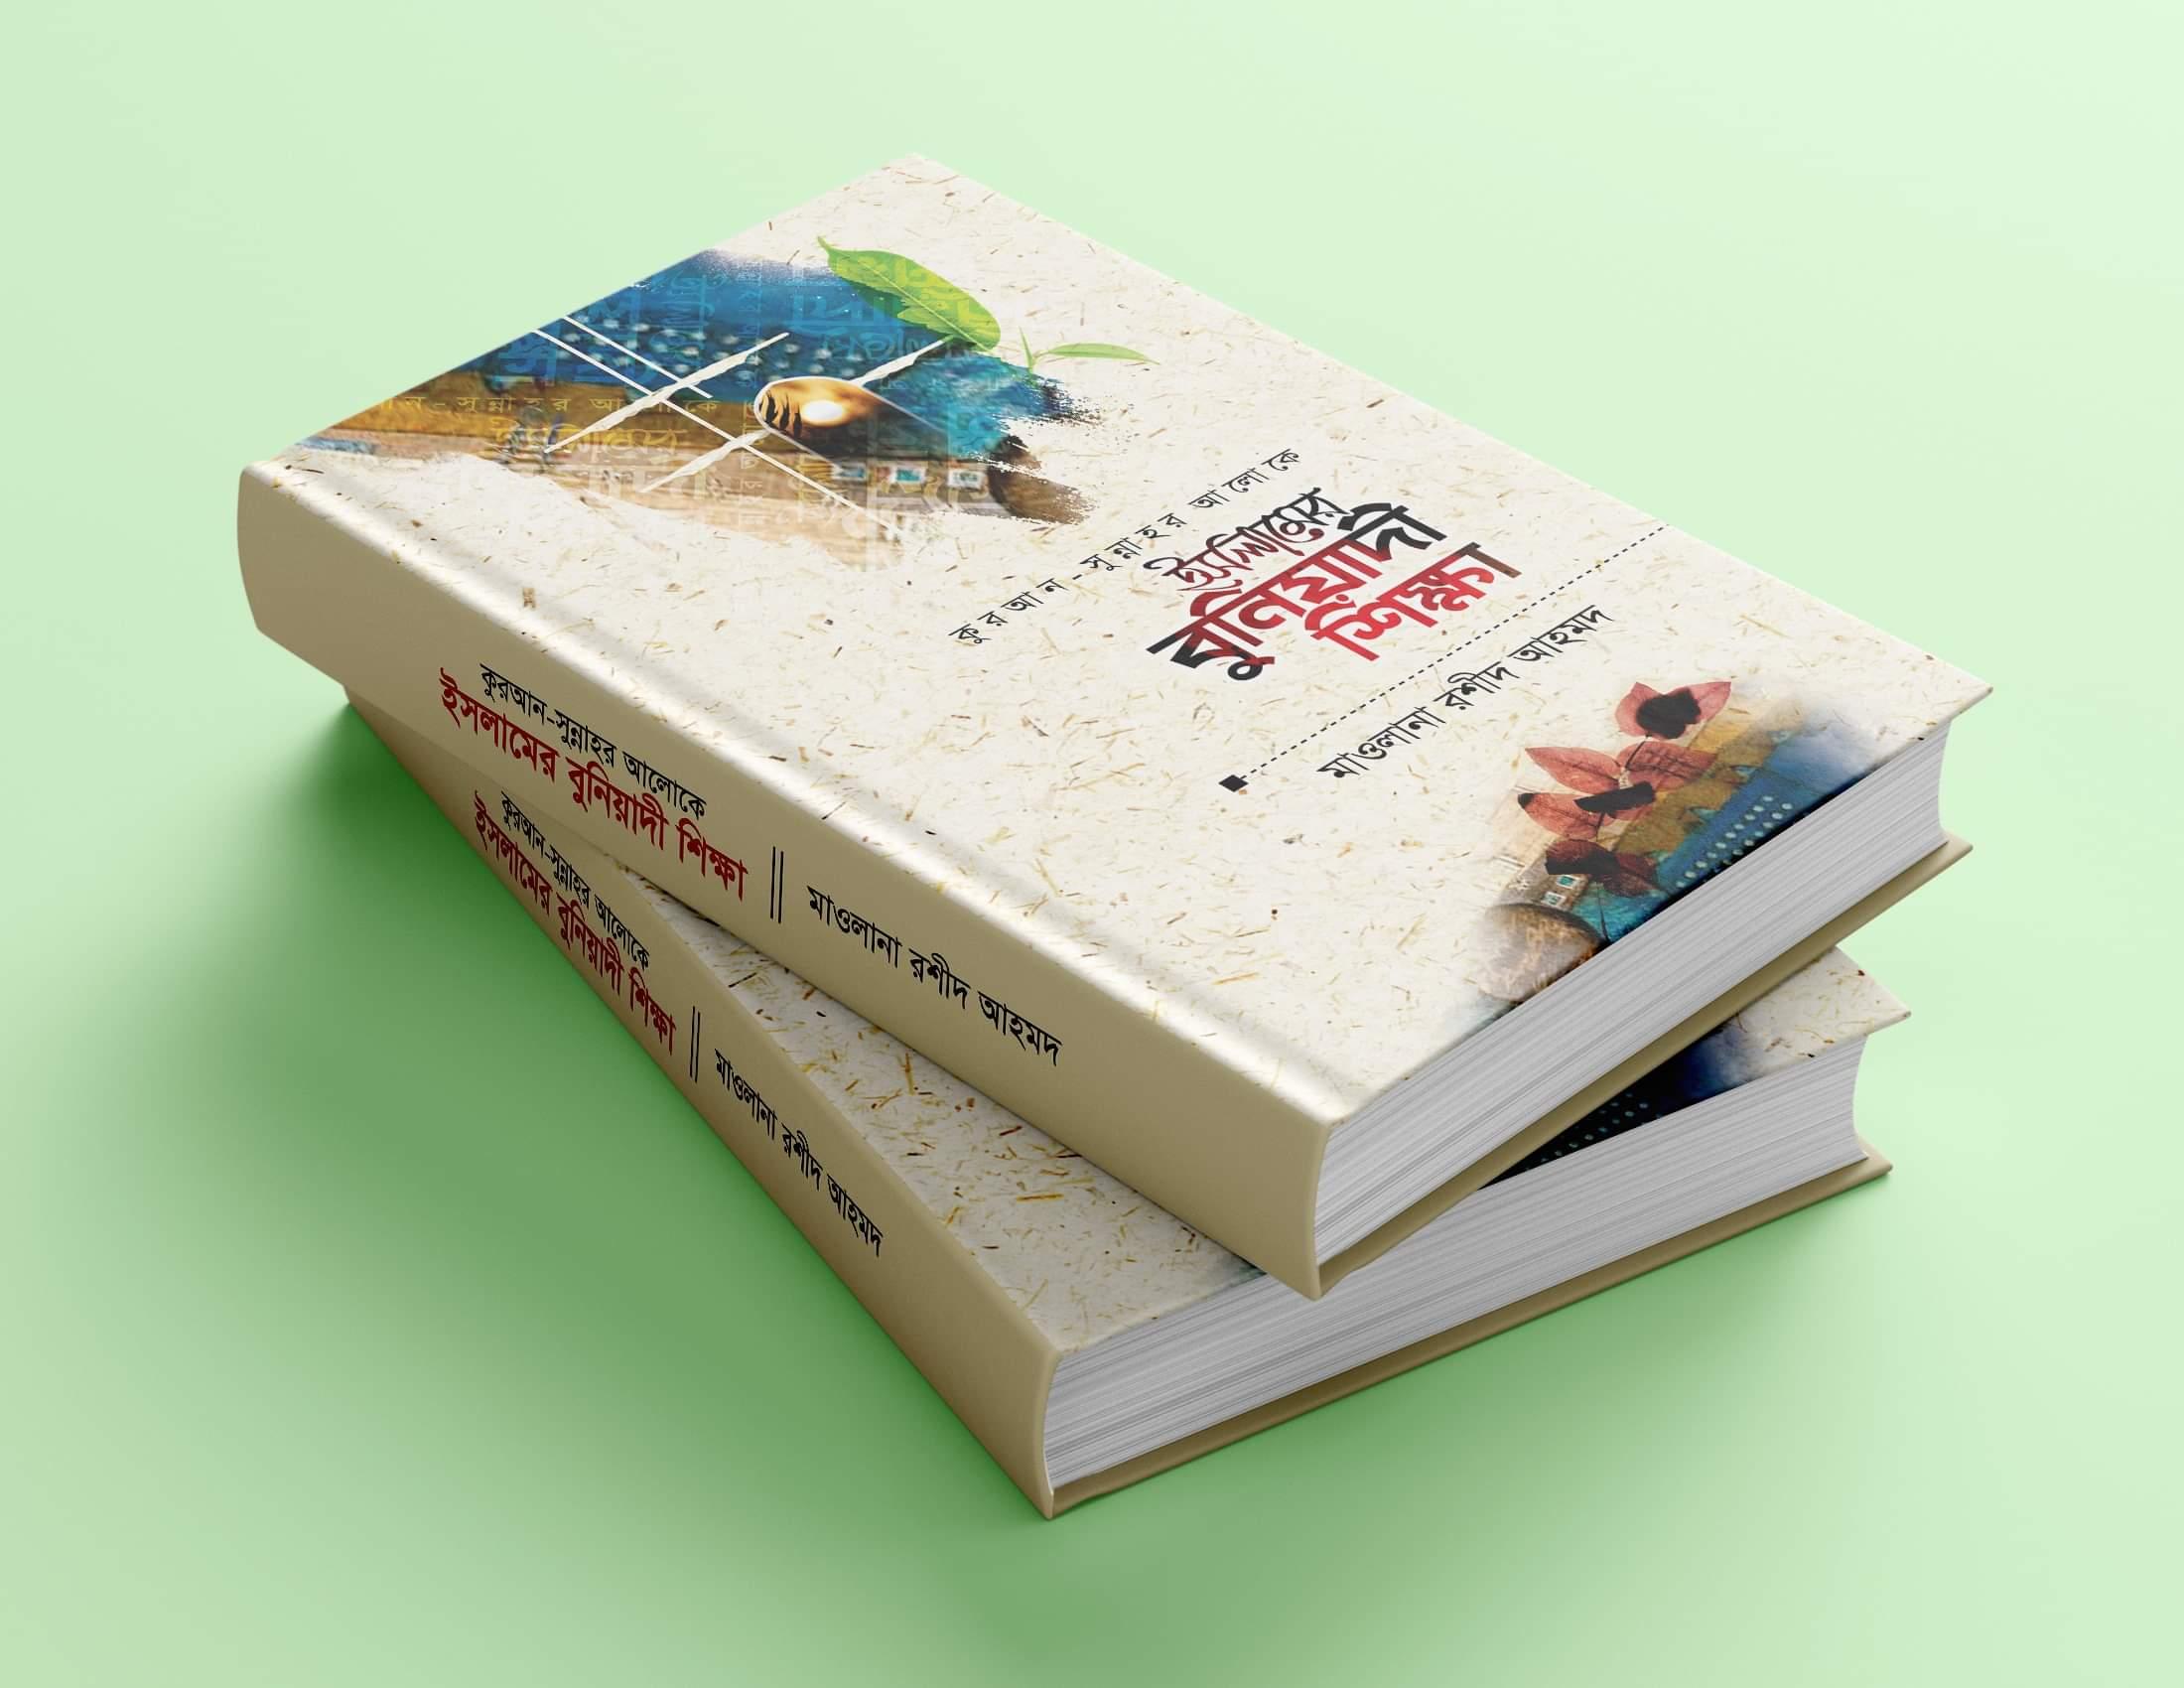 সিলেটের লেখক-সাংবাদিকদের ঈদ গিফট প্রদান করলো আব্দুল মতীন ফাউন্ডেশন